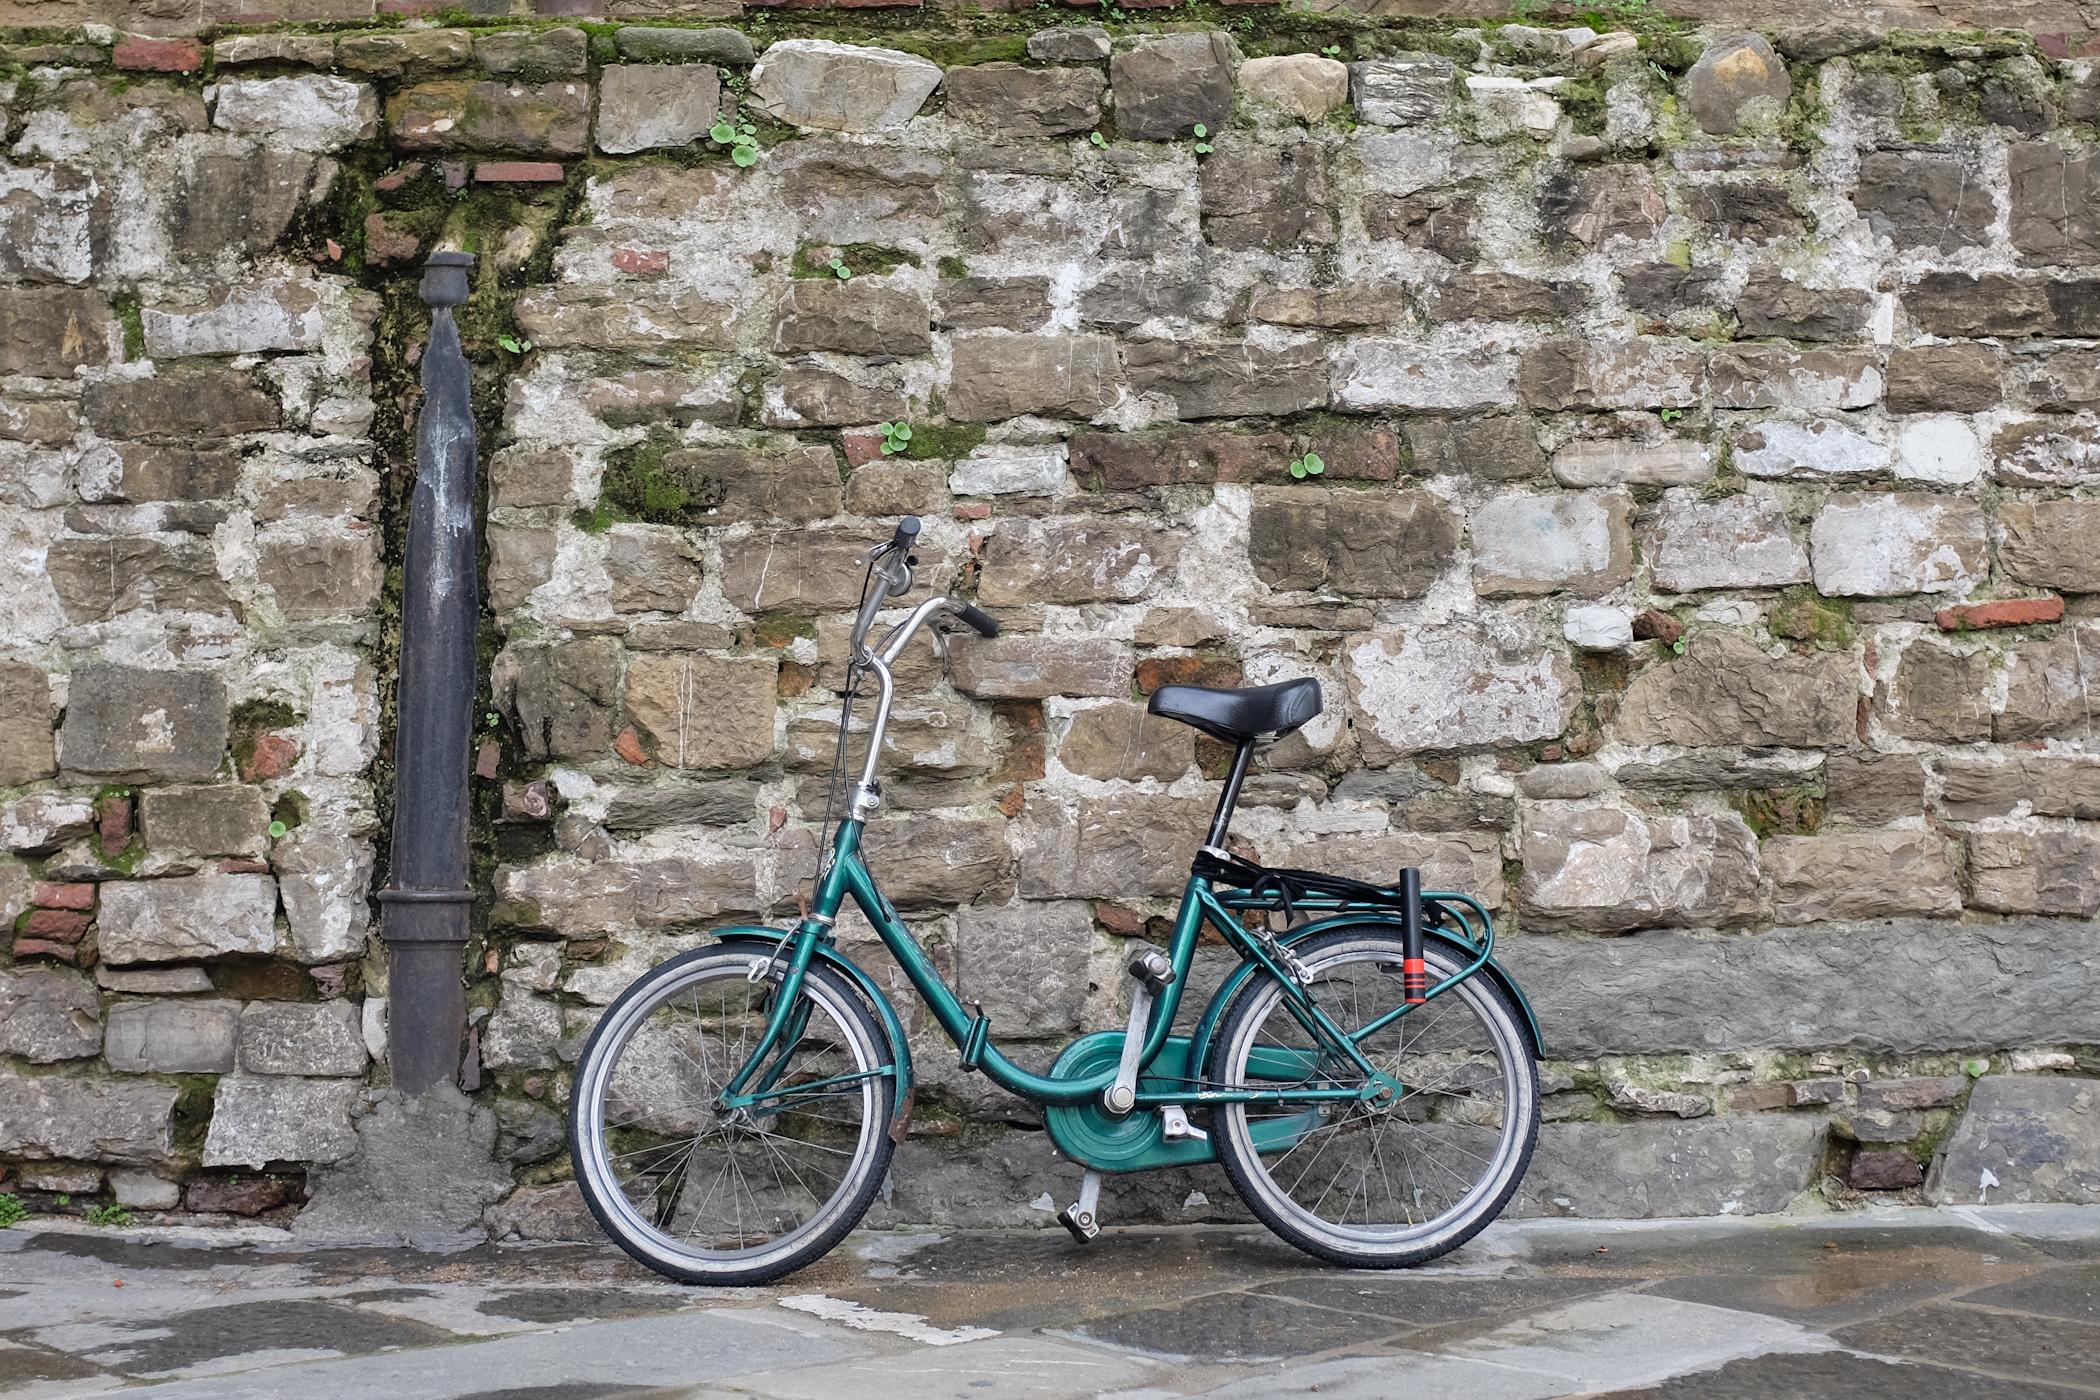 palermo bicicletti di firenze jan15-44.jpg